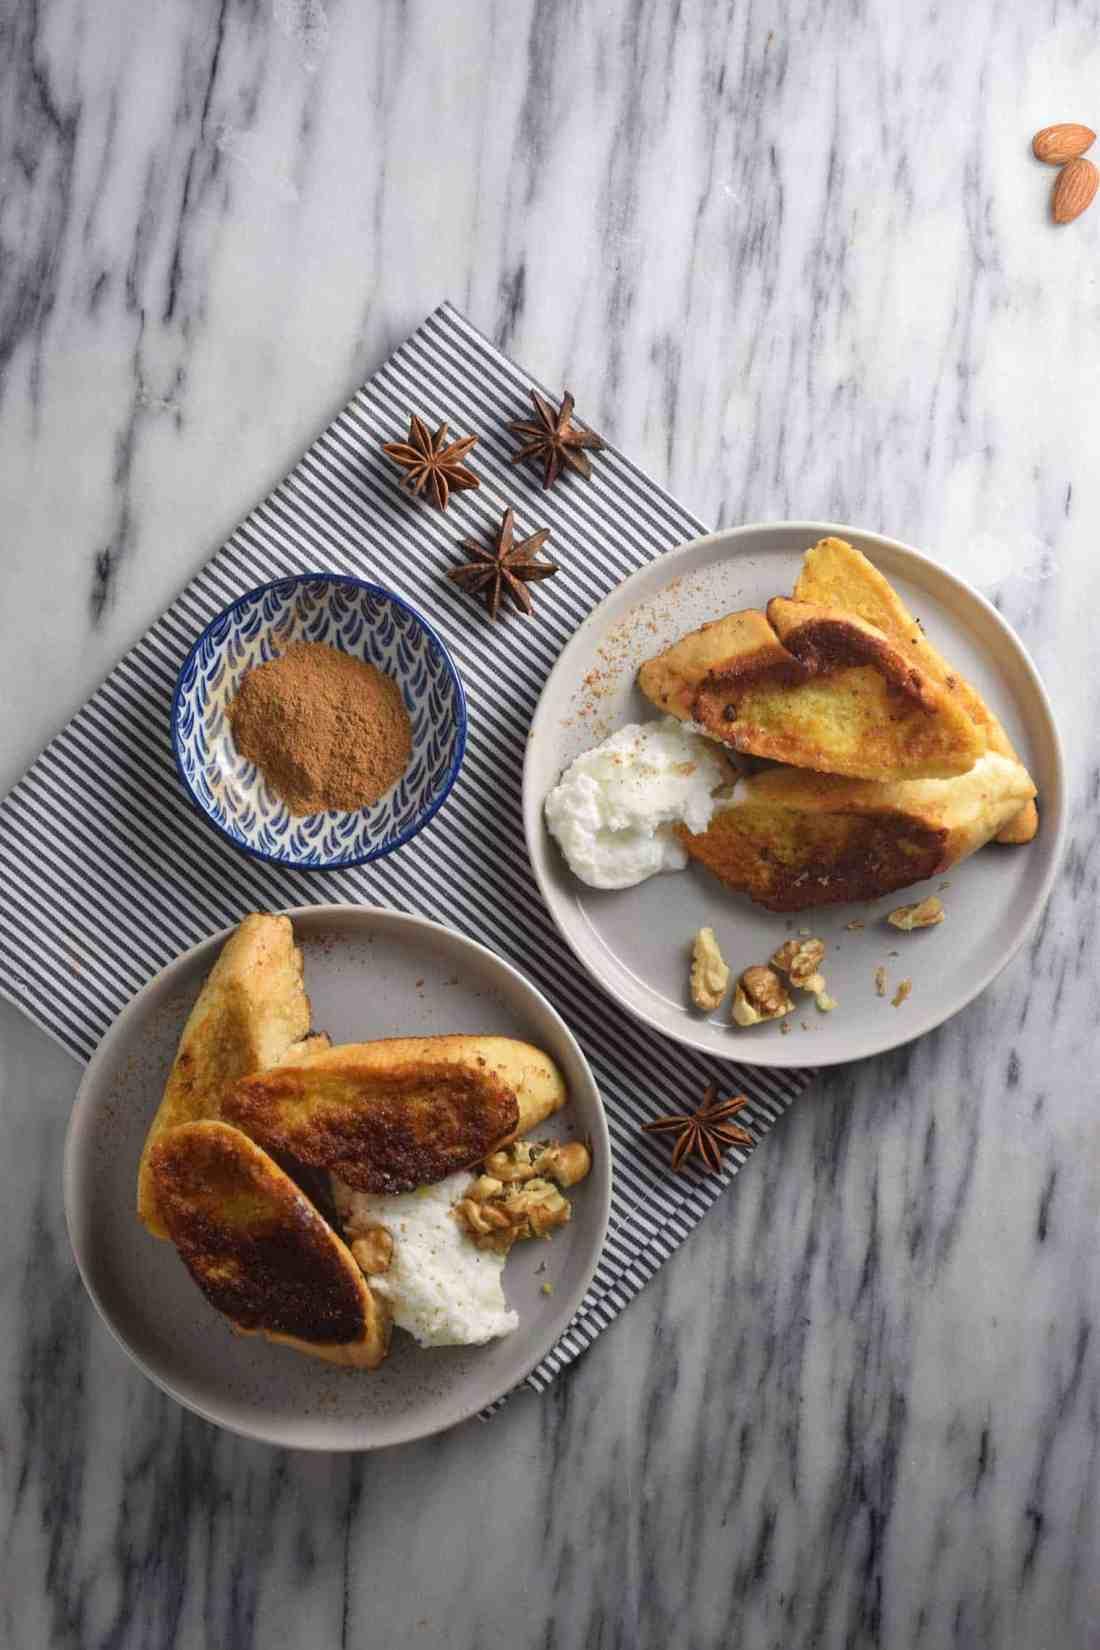 toast on plates, cinnamon, food photography